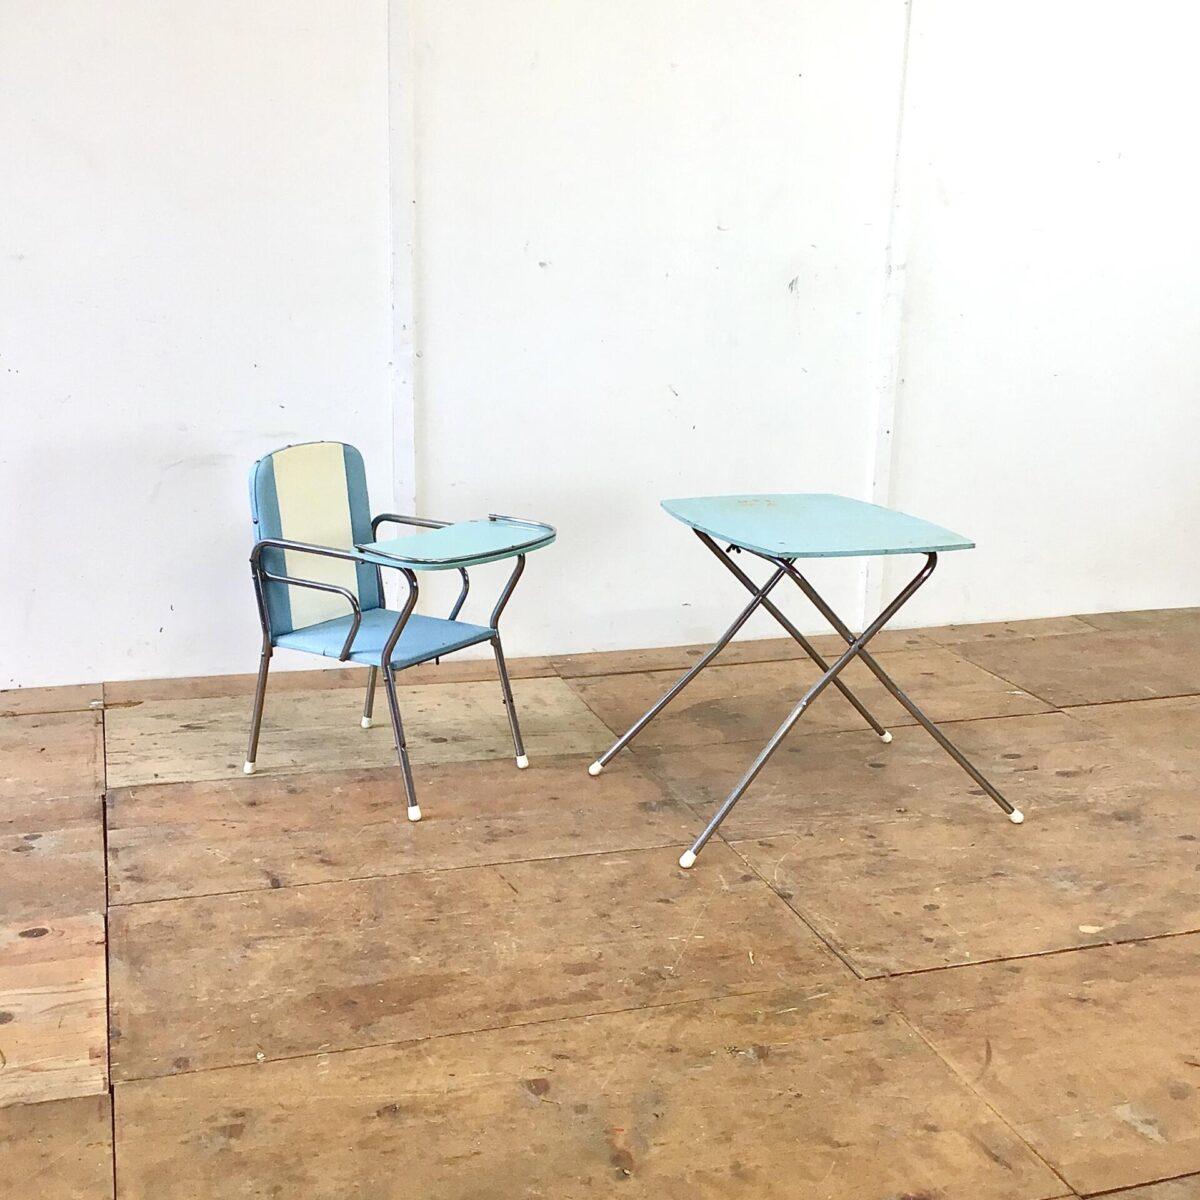 Deuxieme.shop Vintage Kinderstuhl und Tisch. Vom Holländischen Kinderwagen Hersteller Van Delft. Der Stuhl lässt sich zusammen mit dem Tischgestell zum Hochstuhl umbauen. Tischgrösse 56x42cm Höhe 52cm. Sitzhöhe des Stuhls 28cm.